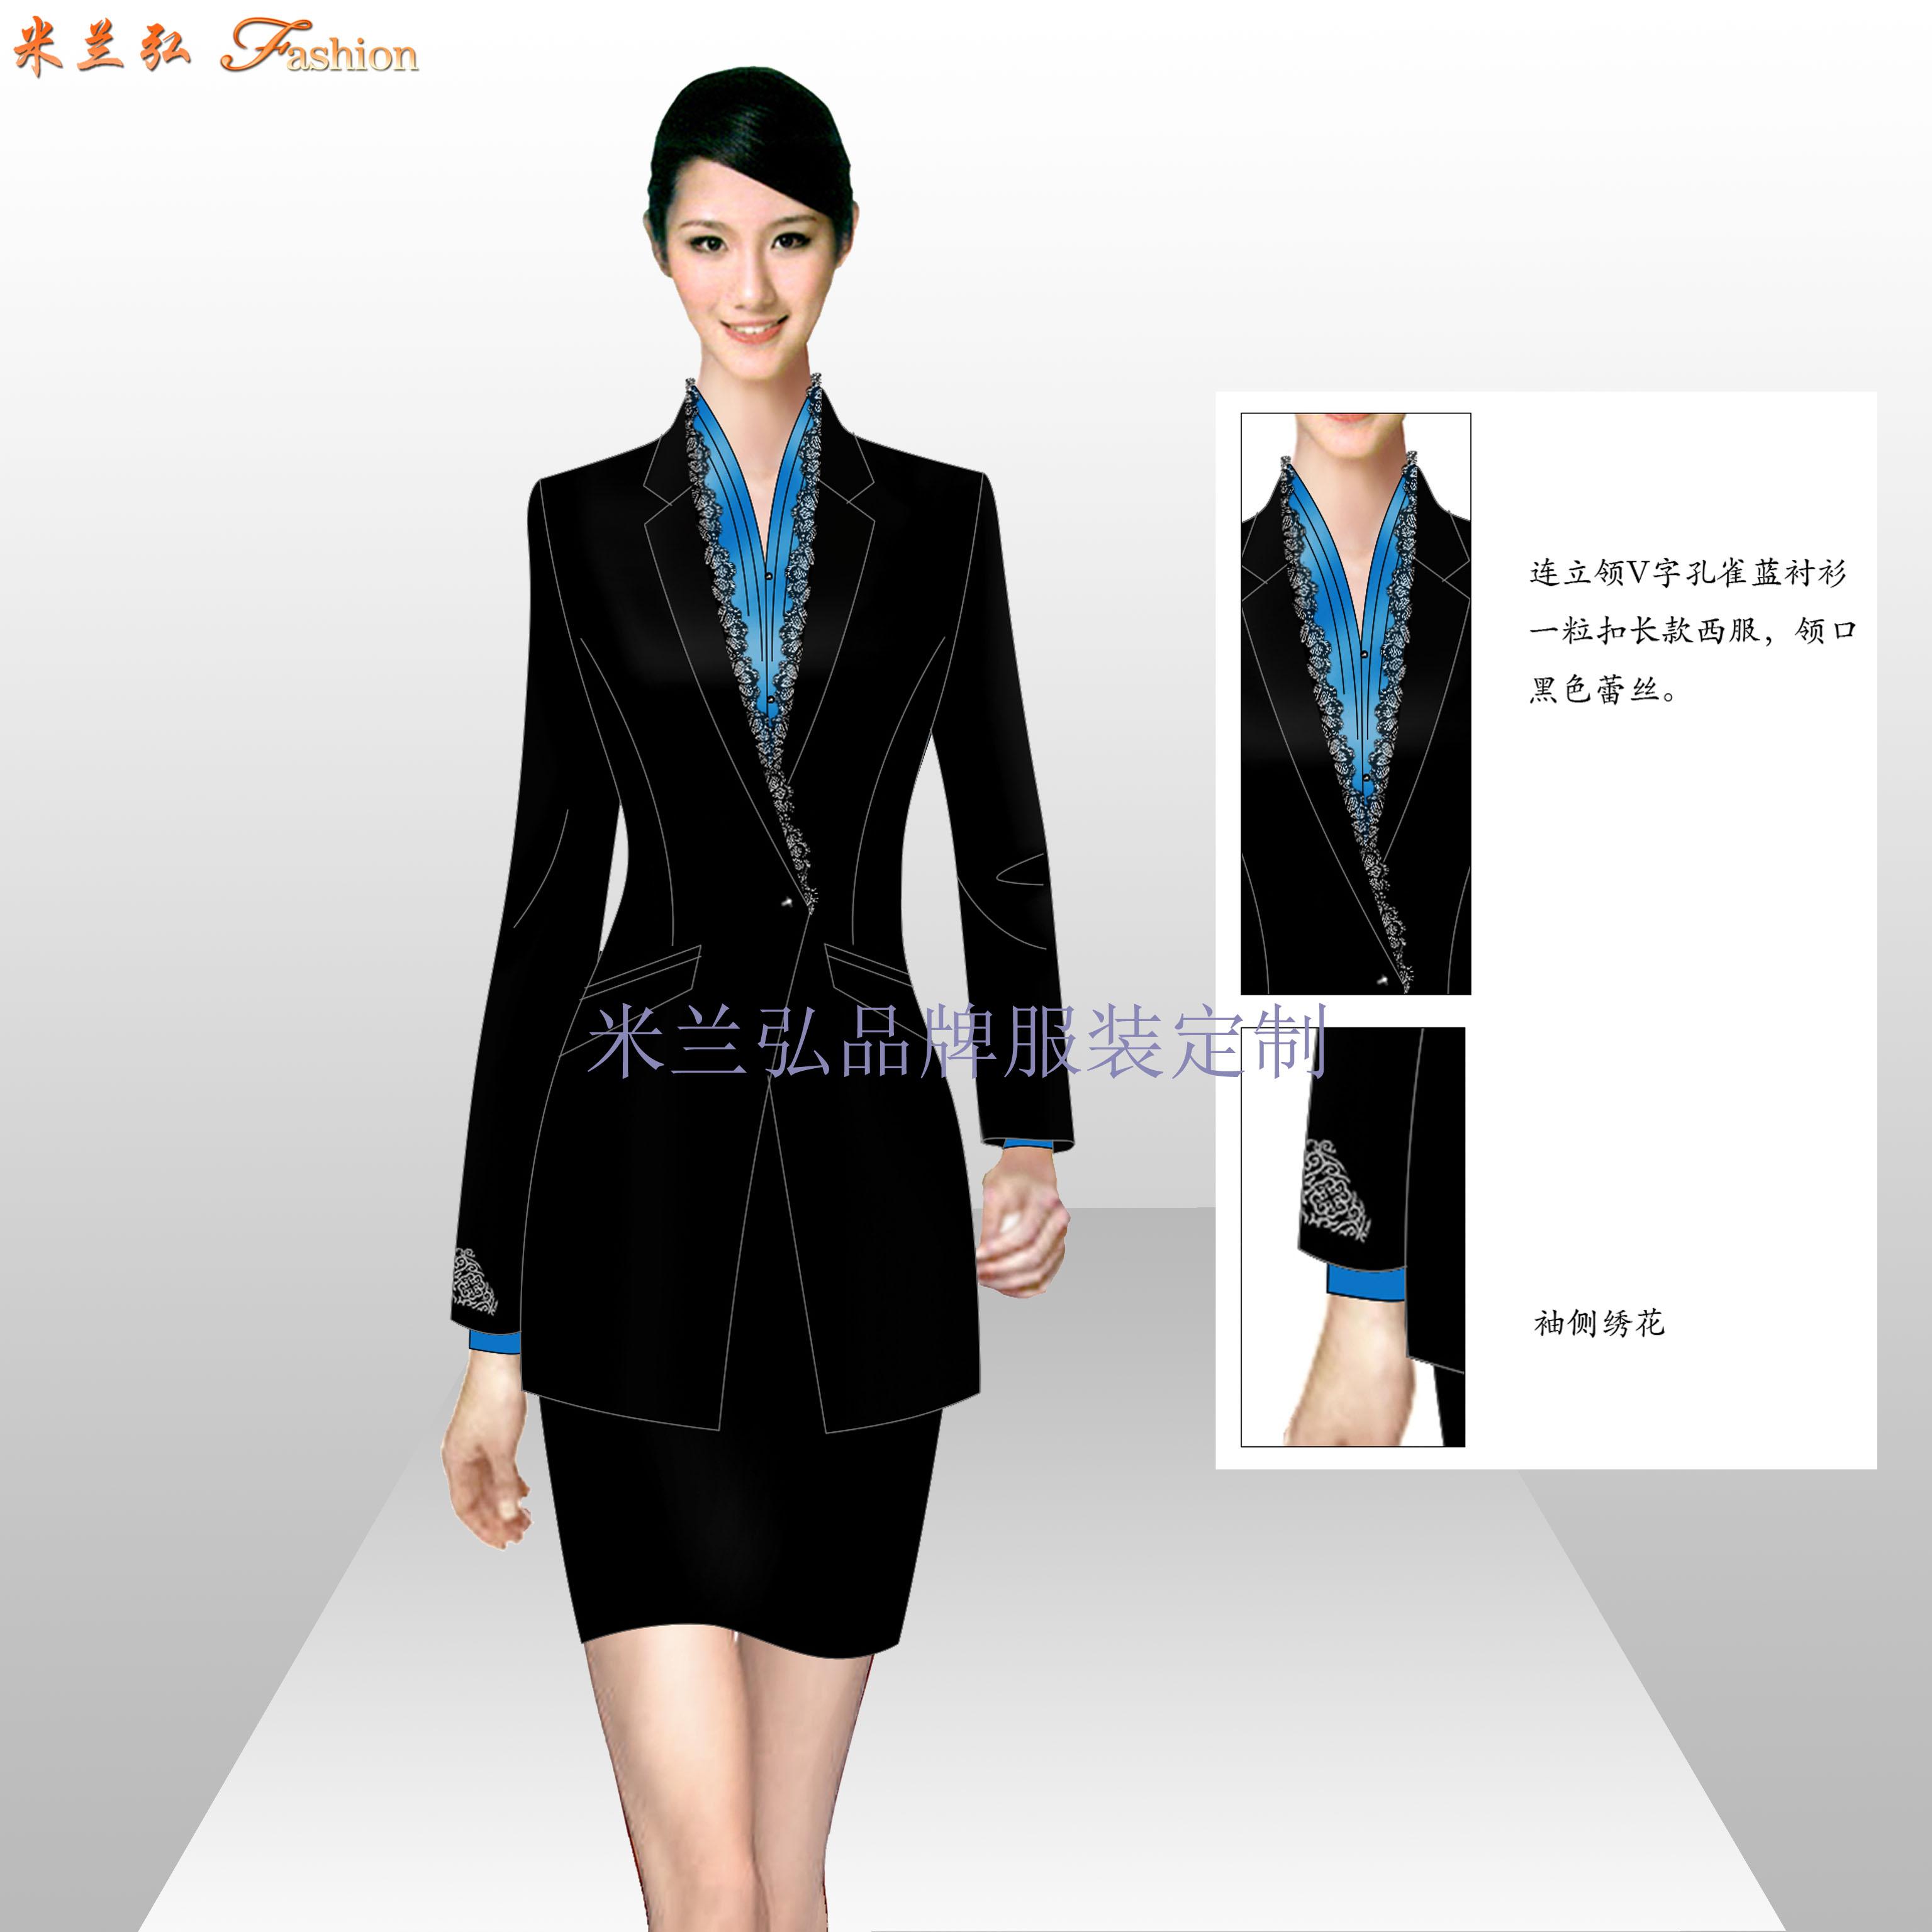 通州區西服定制_北京通州職業裝訂做-米蘭弘服裝廠家-3